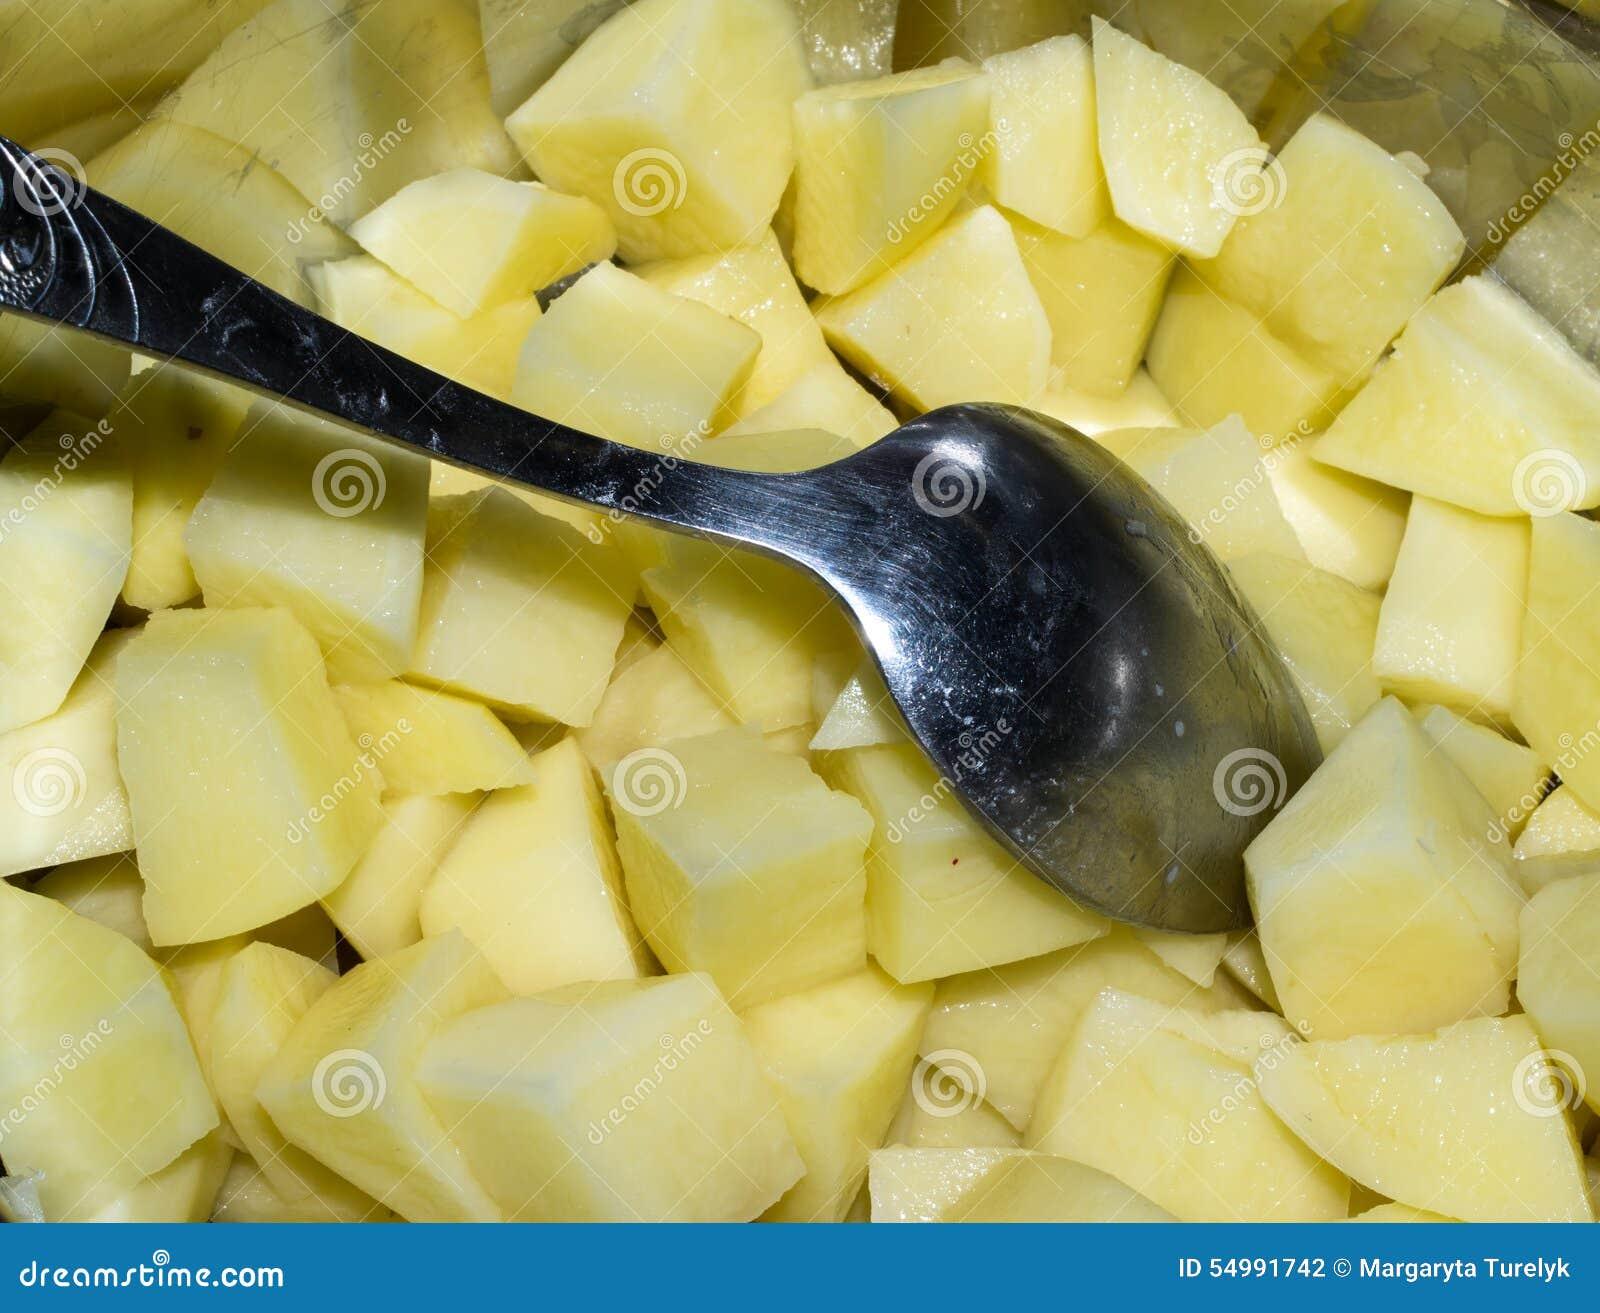 Klipp rå potatisar och skeden i en kastrull